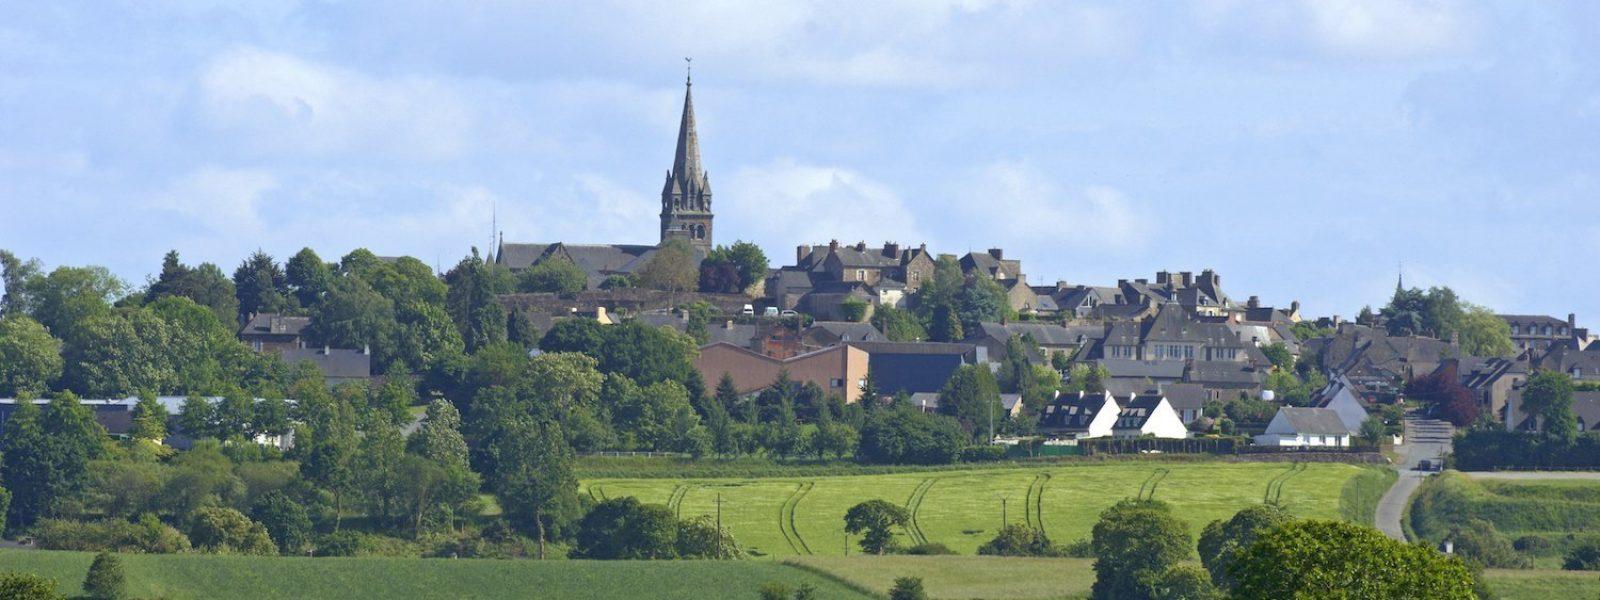 Bécherel in Brittany